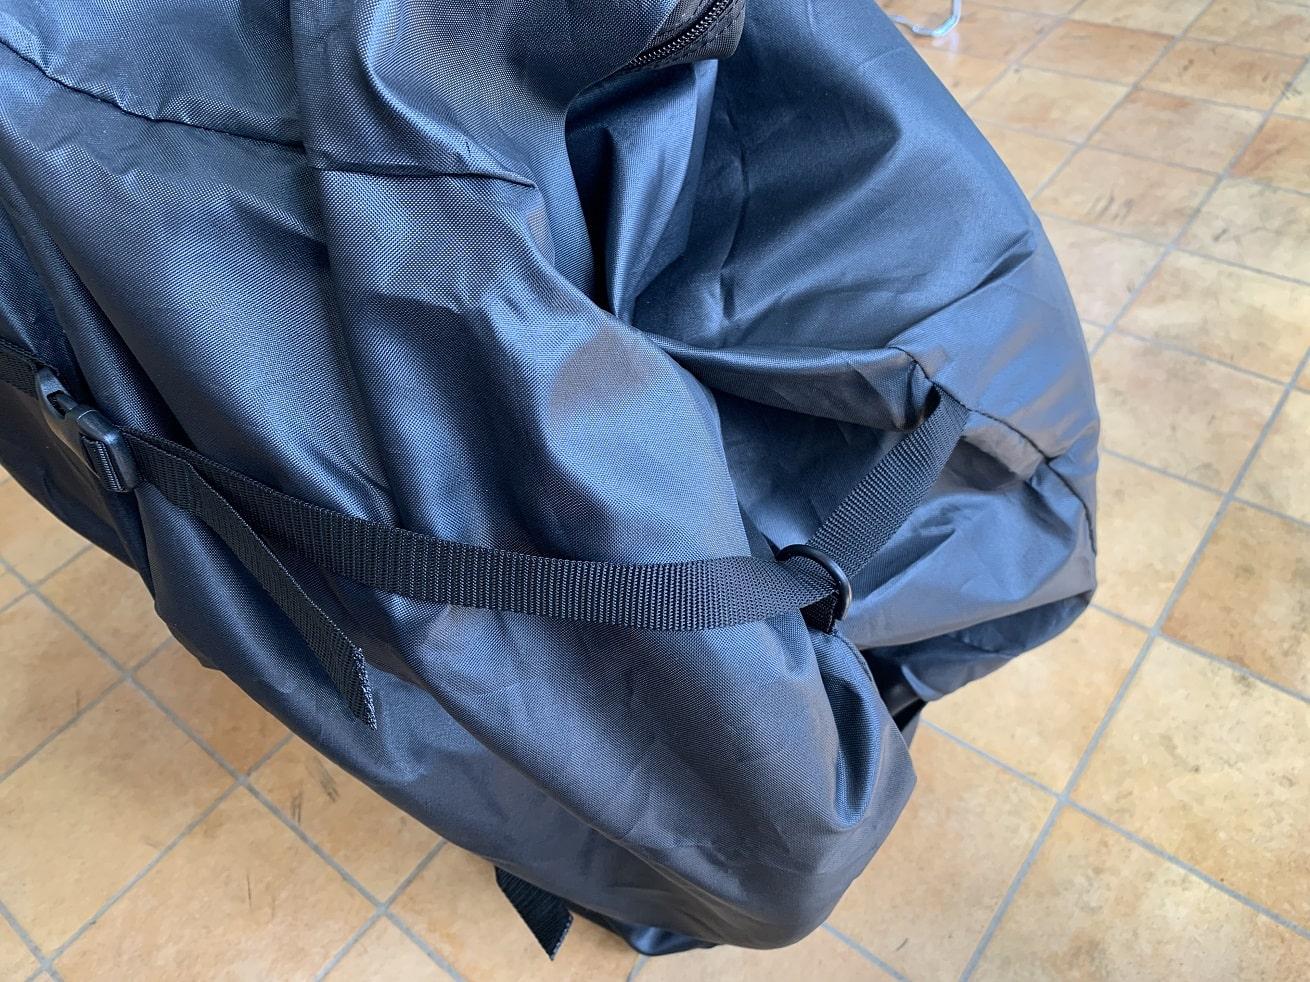 ちび輪バッグ輪行袋のサイド2か所をバックルで調整して固定する